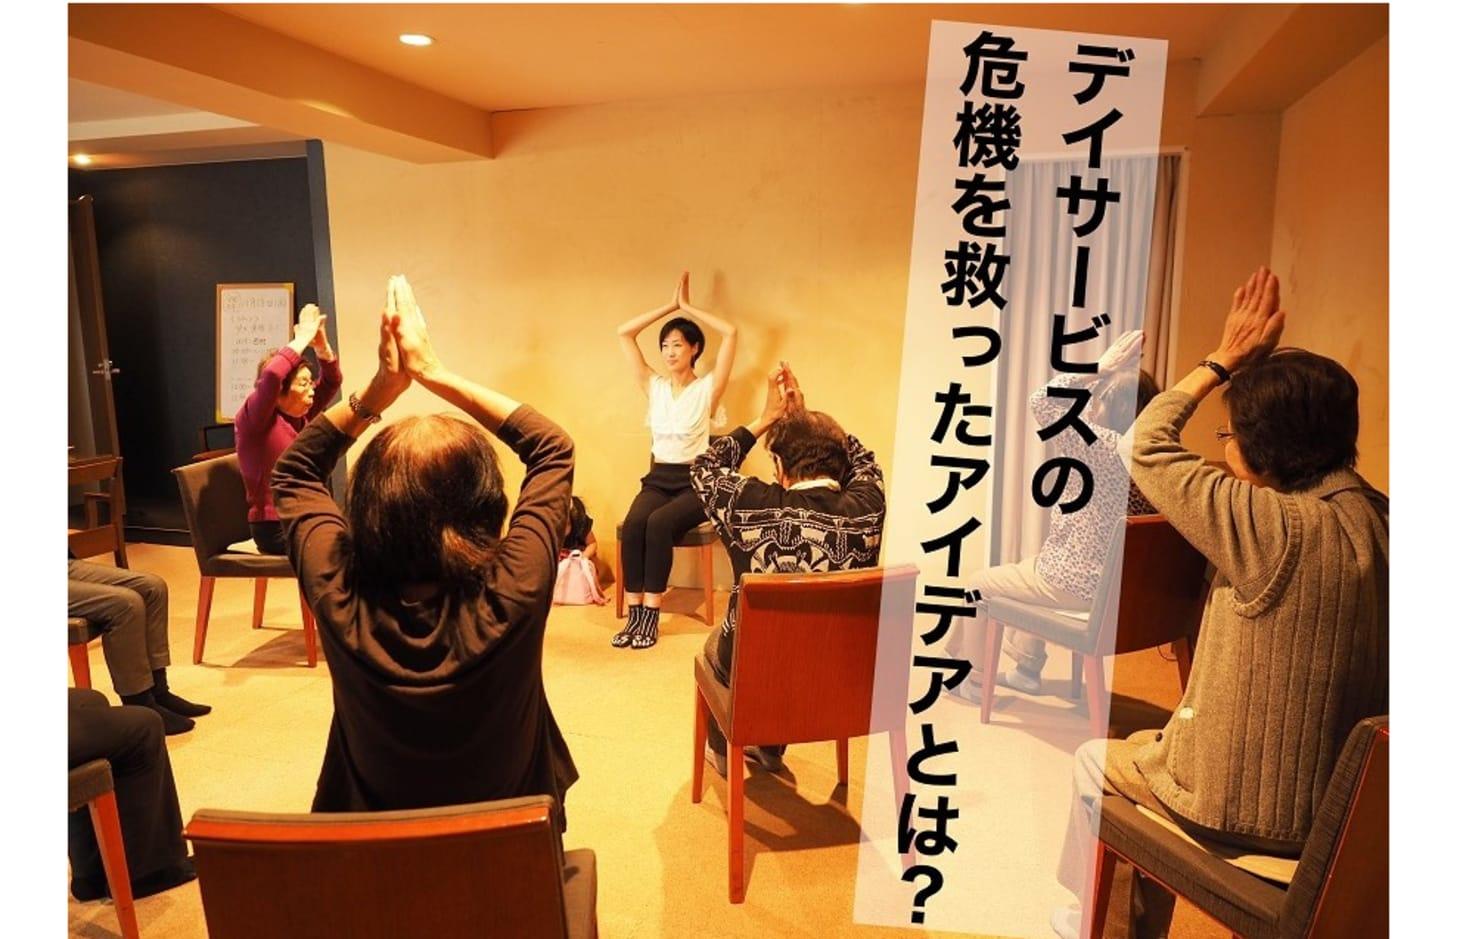 動画配信でデイサービスの可能性を広げる。全国各地で認知症予防への挑戦 ‐東京マルシェ池上 Yoga & Well Aging Studio‐